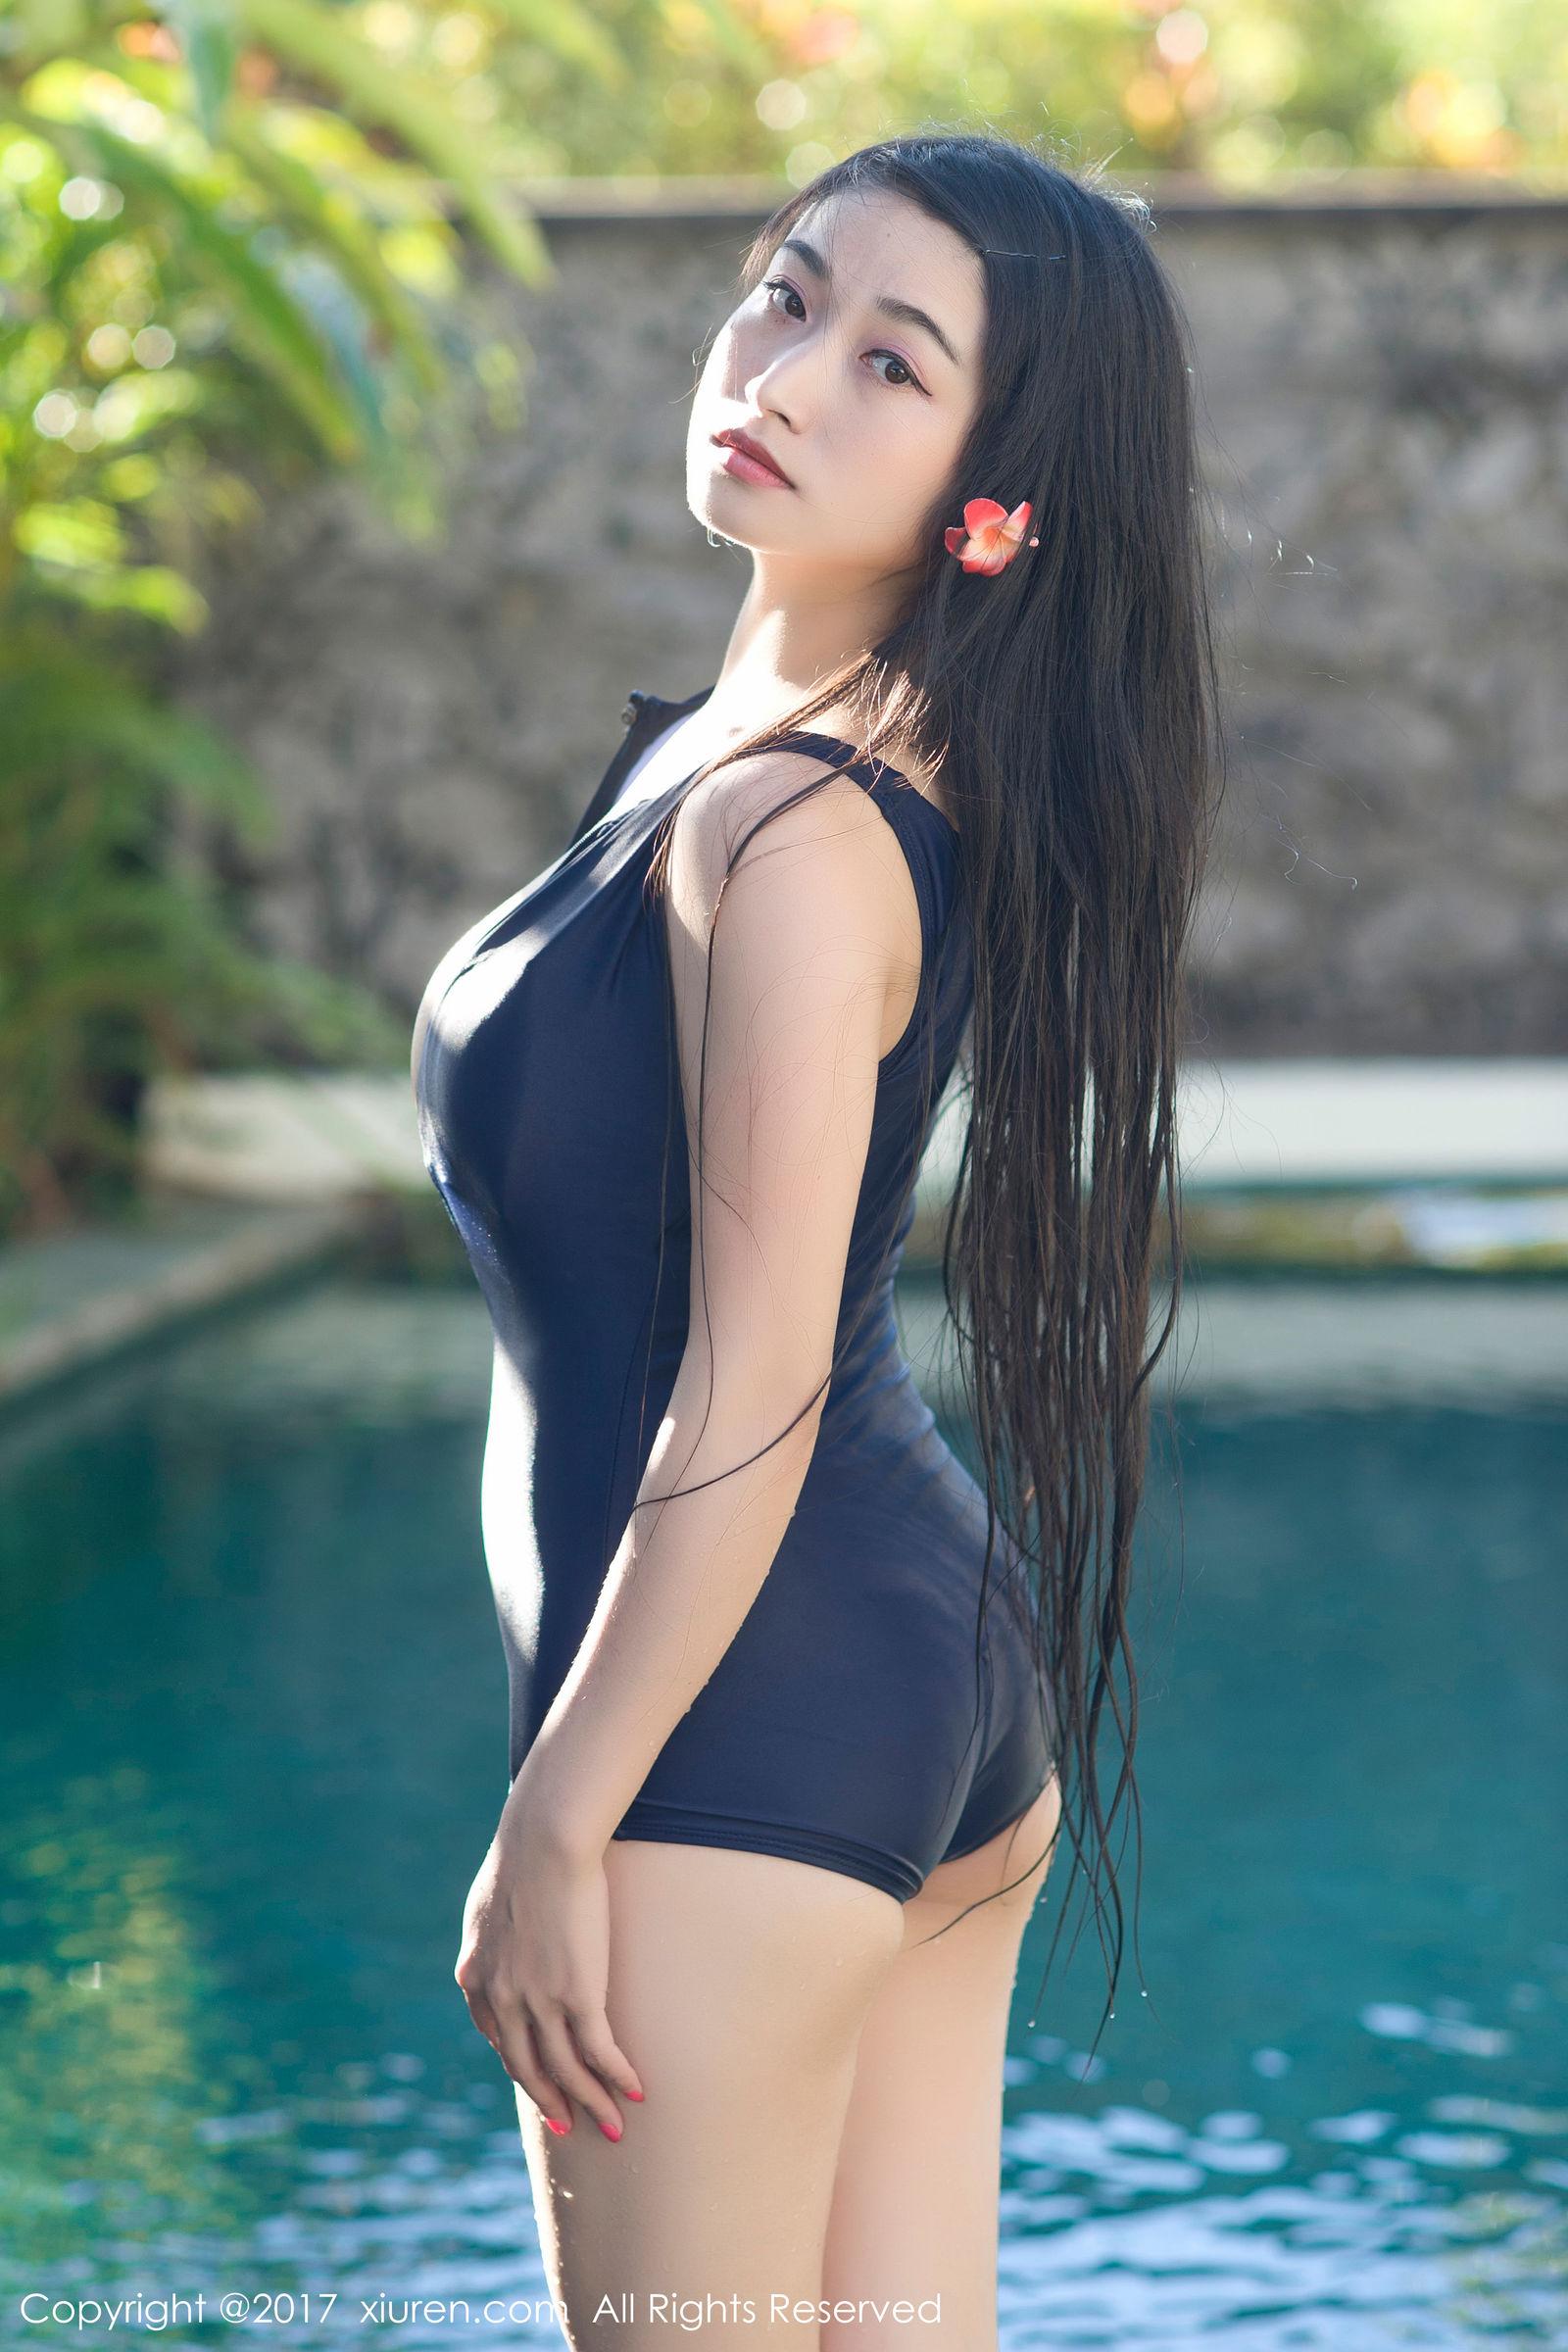 龙女sunny杨玉奴 - 泳池比基尼湿身诱惑